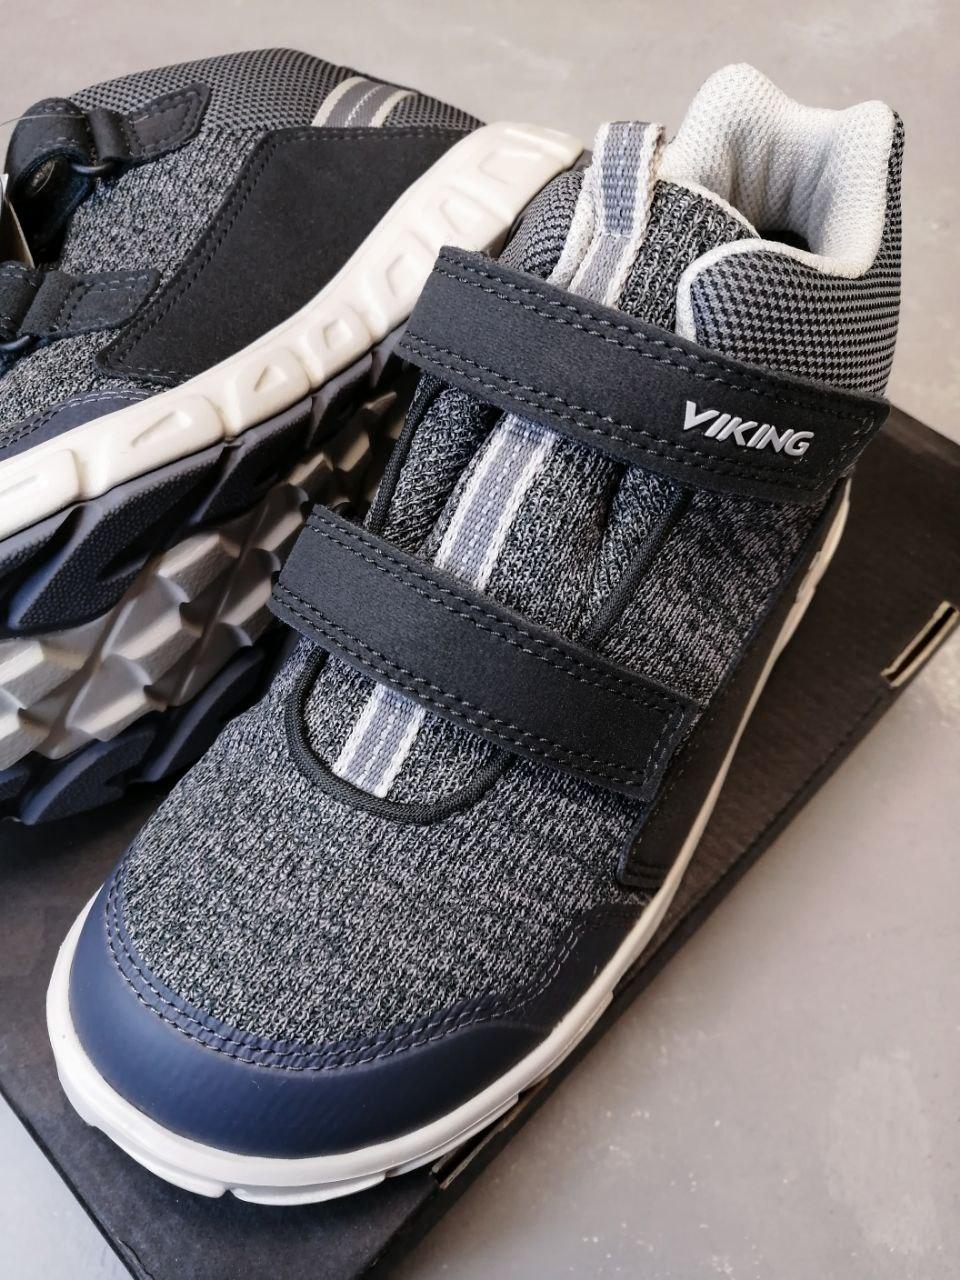 Купить кроссовки Viking в Москве и с доставкой в любой город России можно на сайте Viking-boots